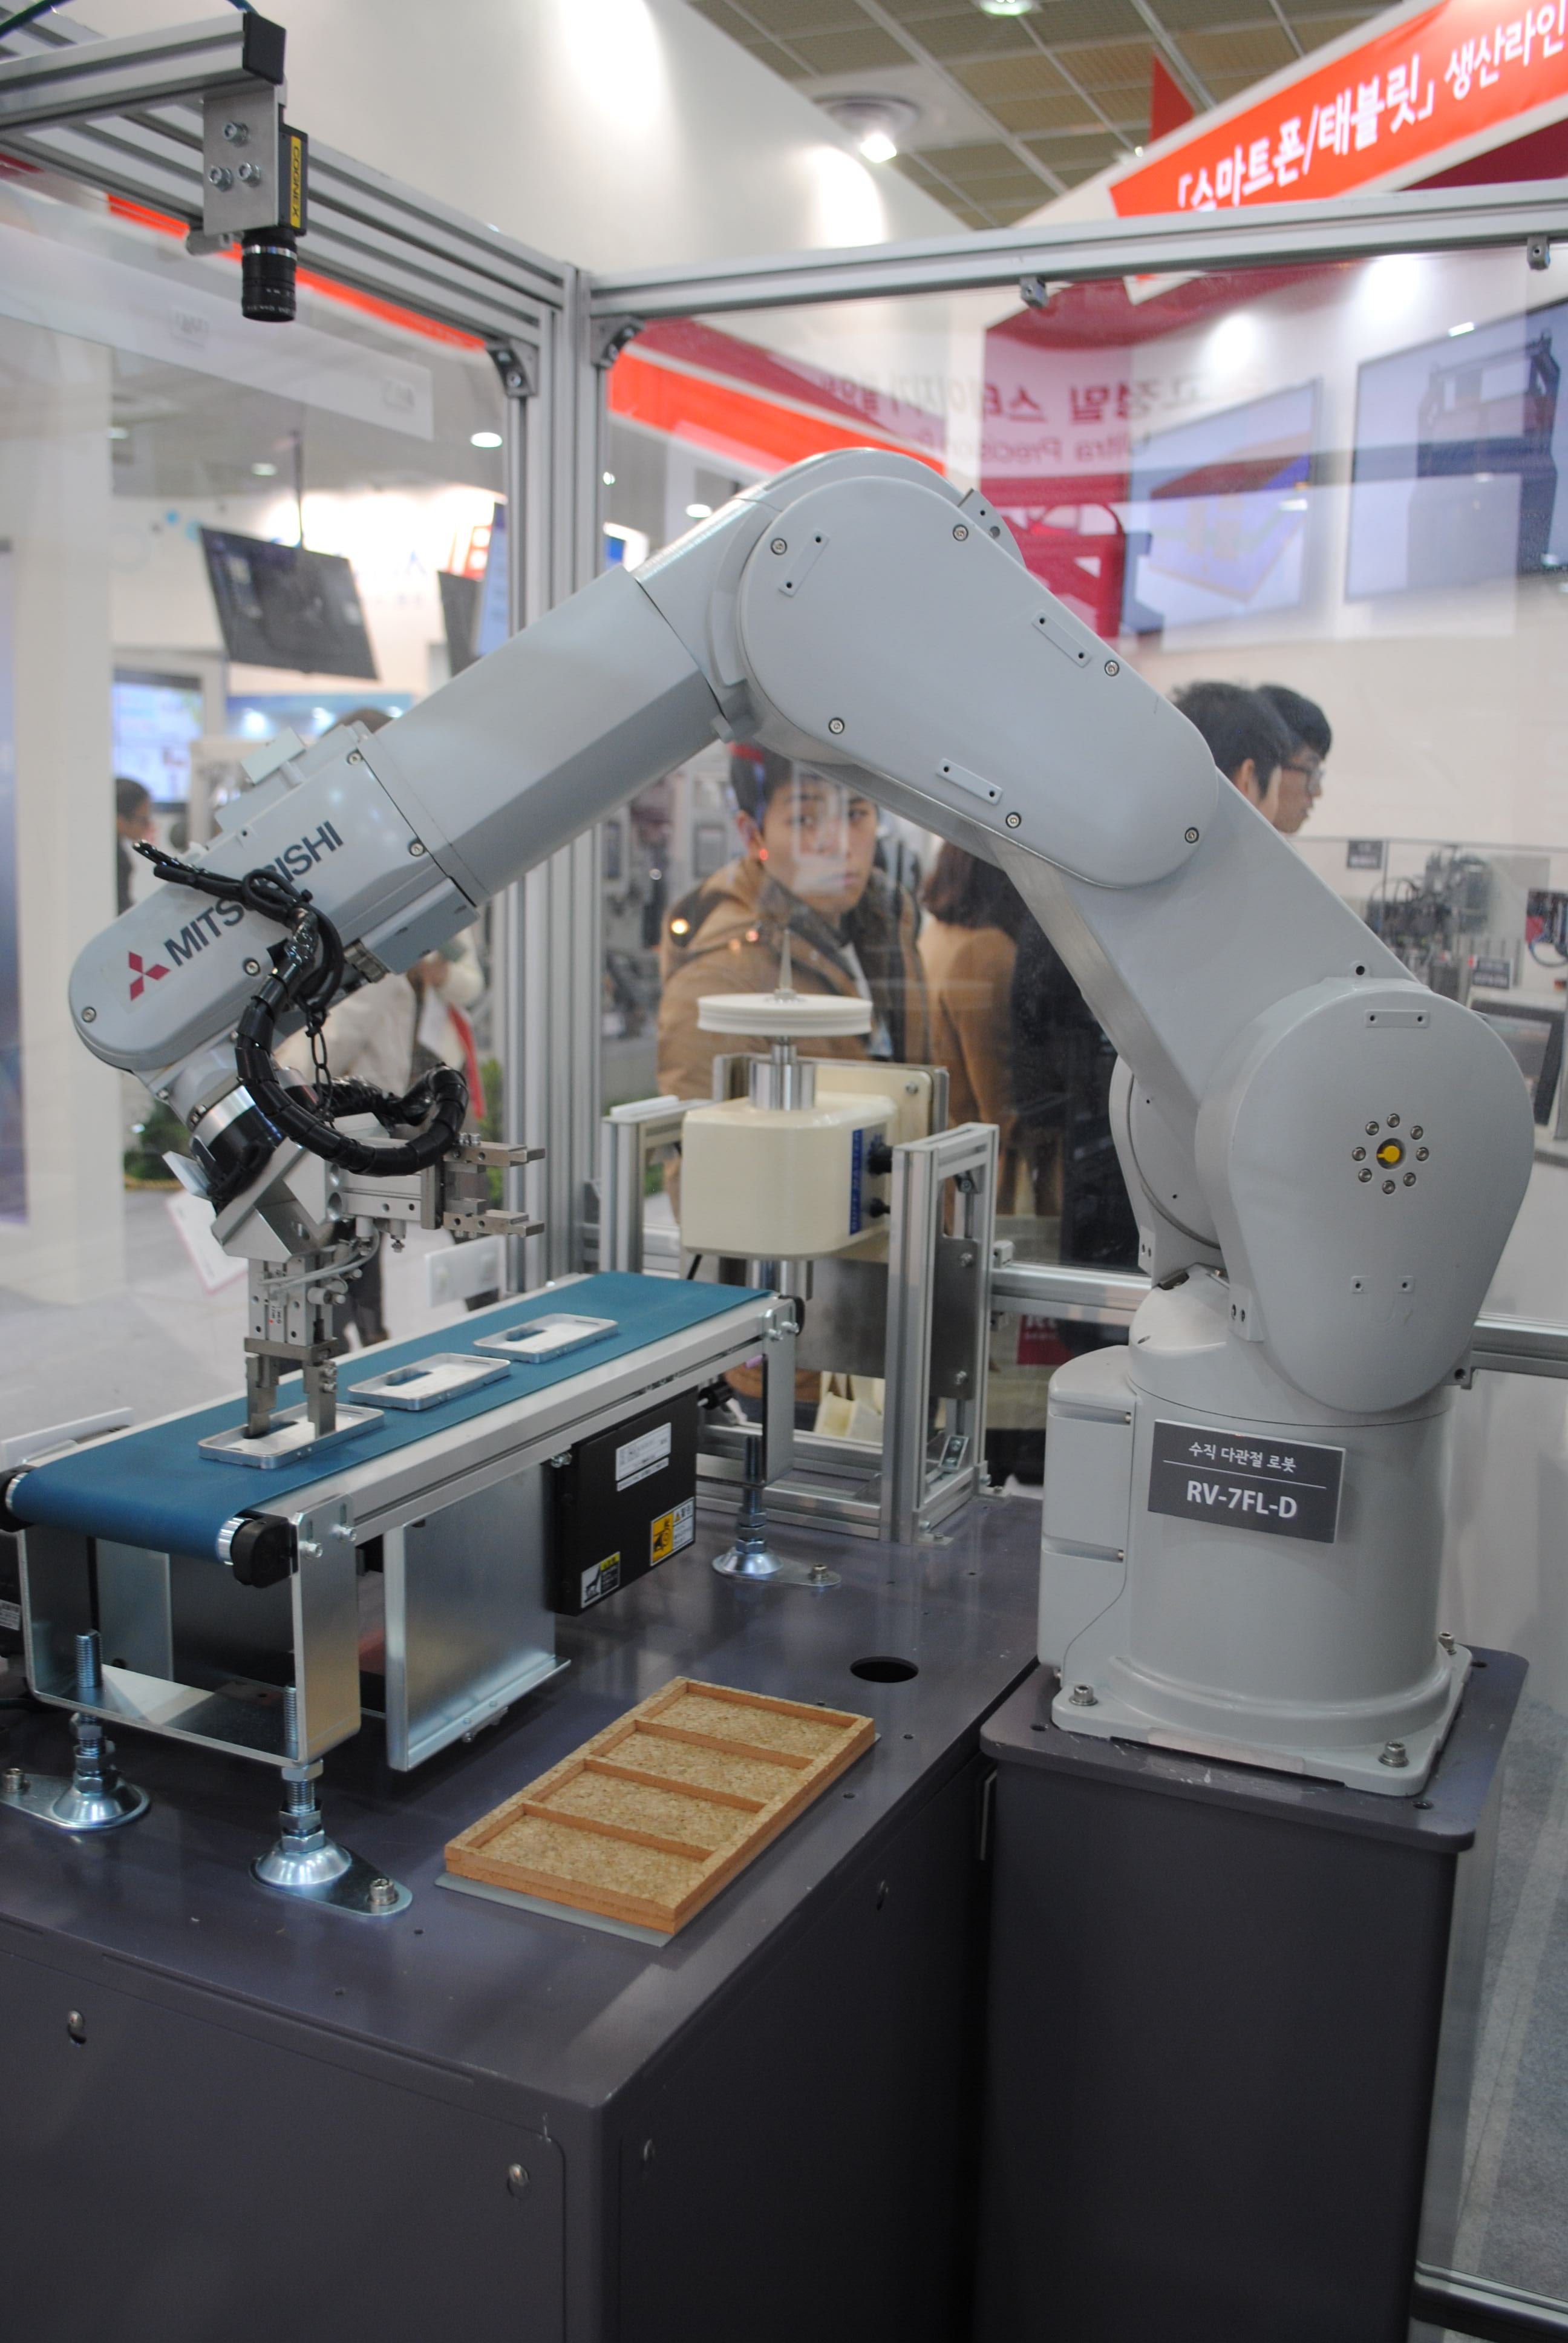 Automation World 2014에서 확인완료! :: 산업뉴스 여기에